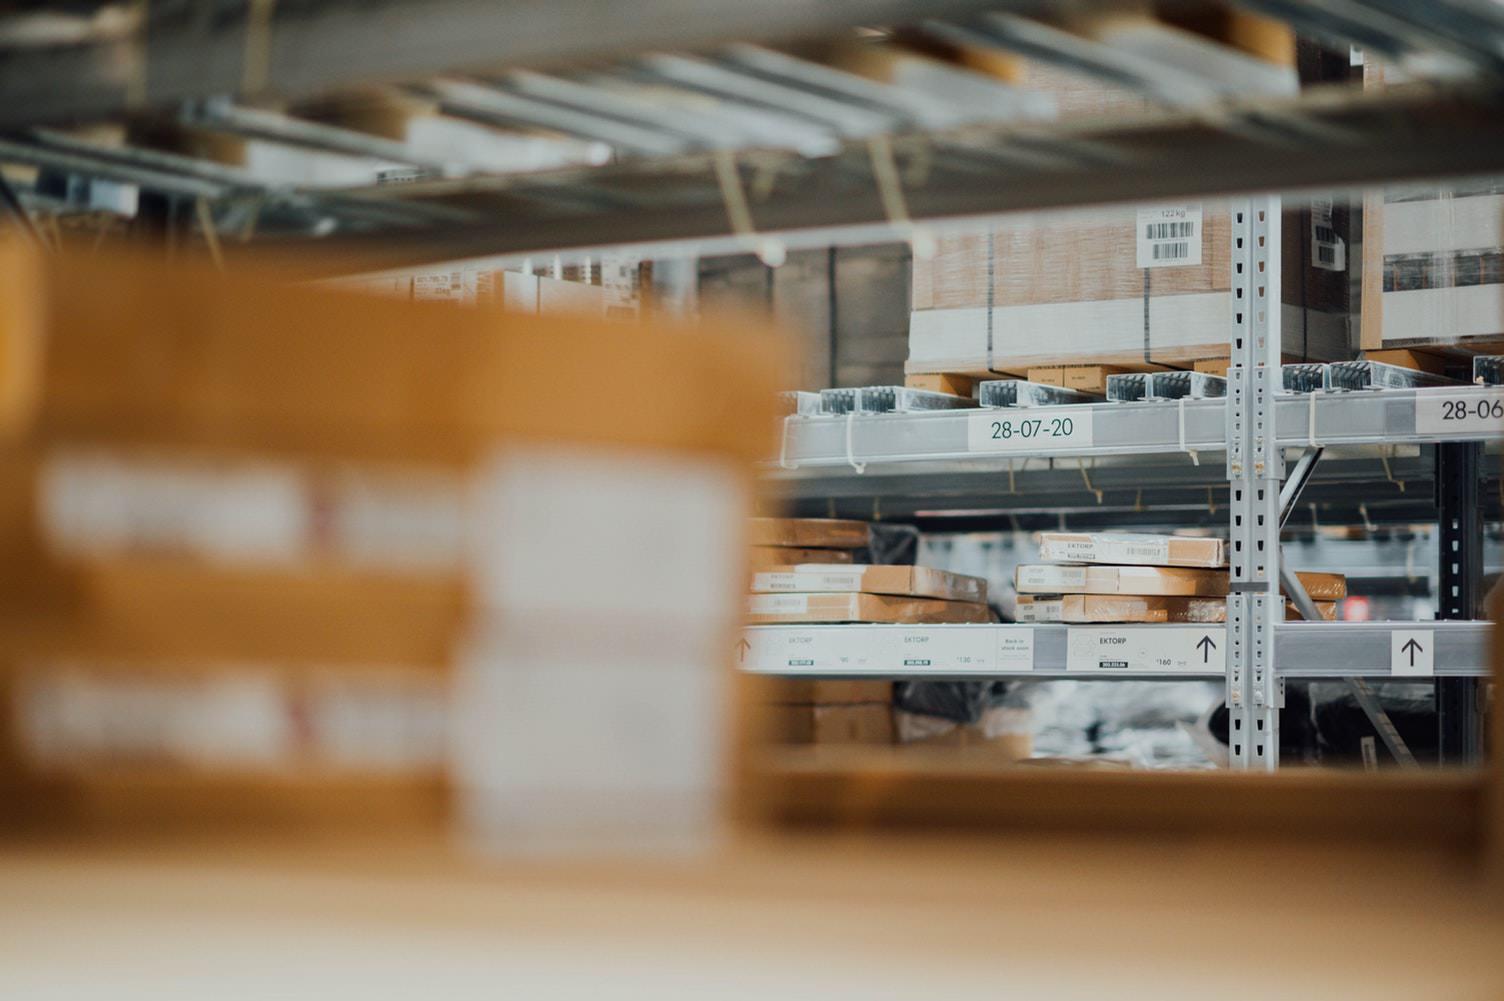 Contacto con Procomex - Bodega en USA - Estados Unidos - Procomex, el mundo en sus manos